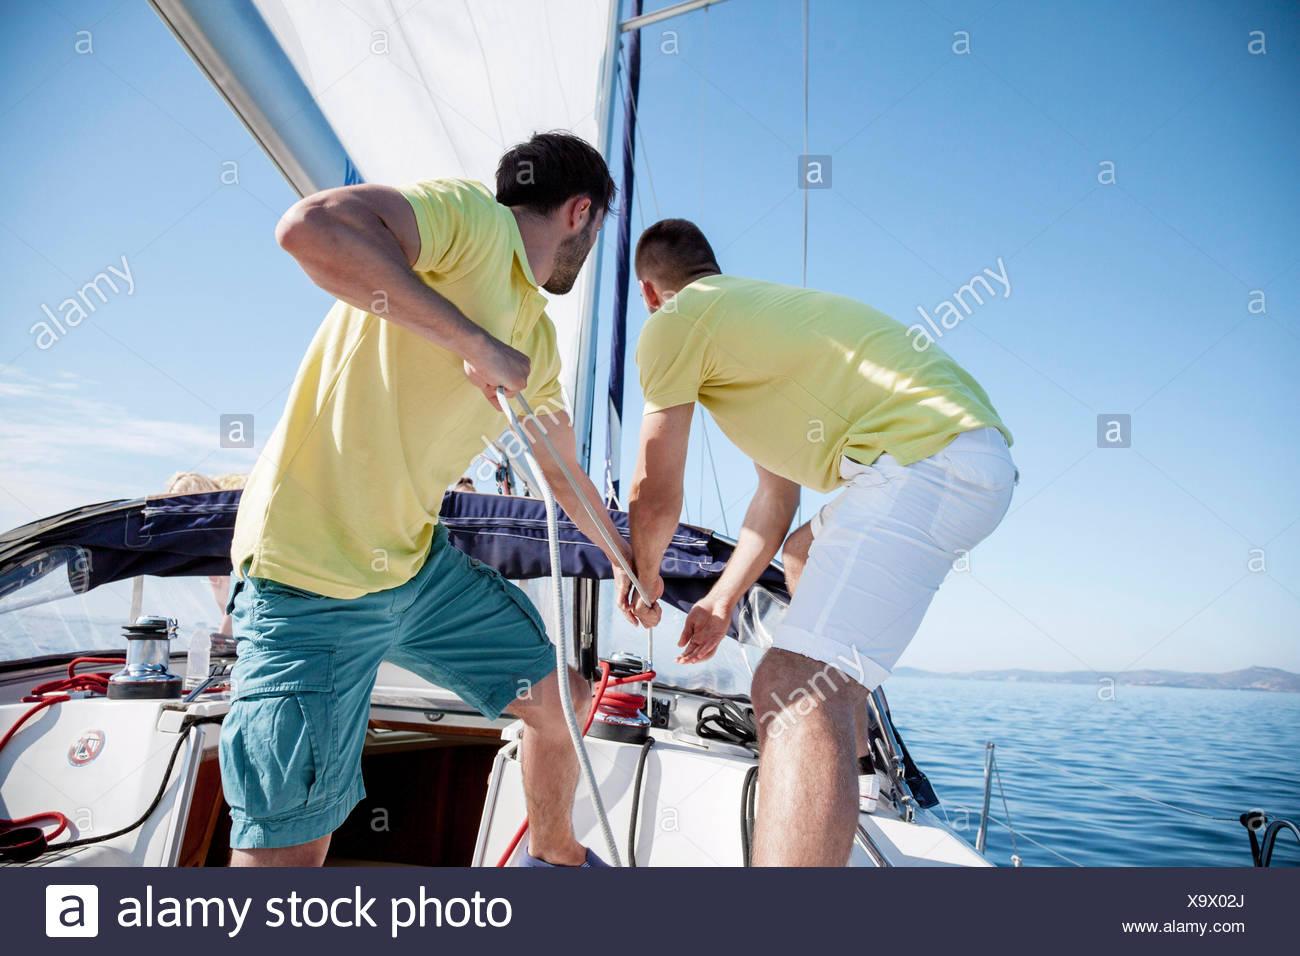 Dos hombres tirando de la cuerda juntos en velero, Mar Adriático Imagen De Stock